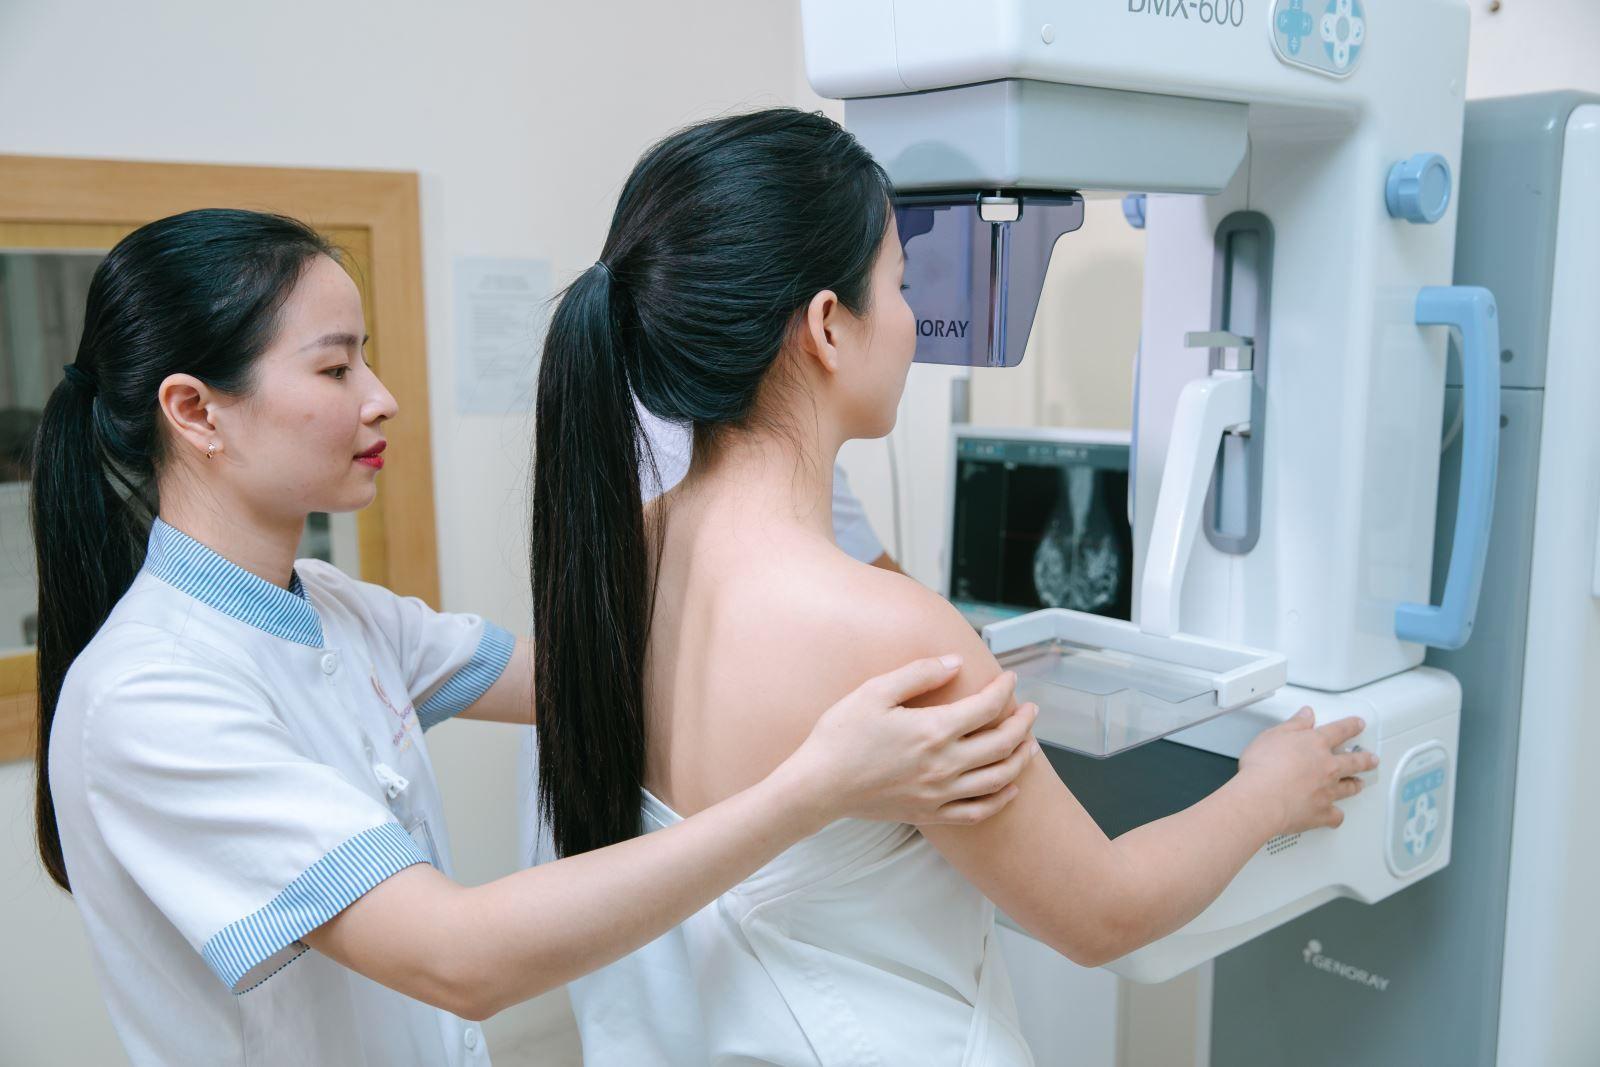 Chị em cần chủ động khám tầm soát ung thư vú định kỳ